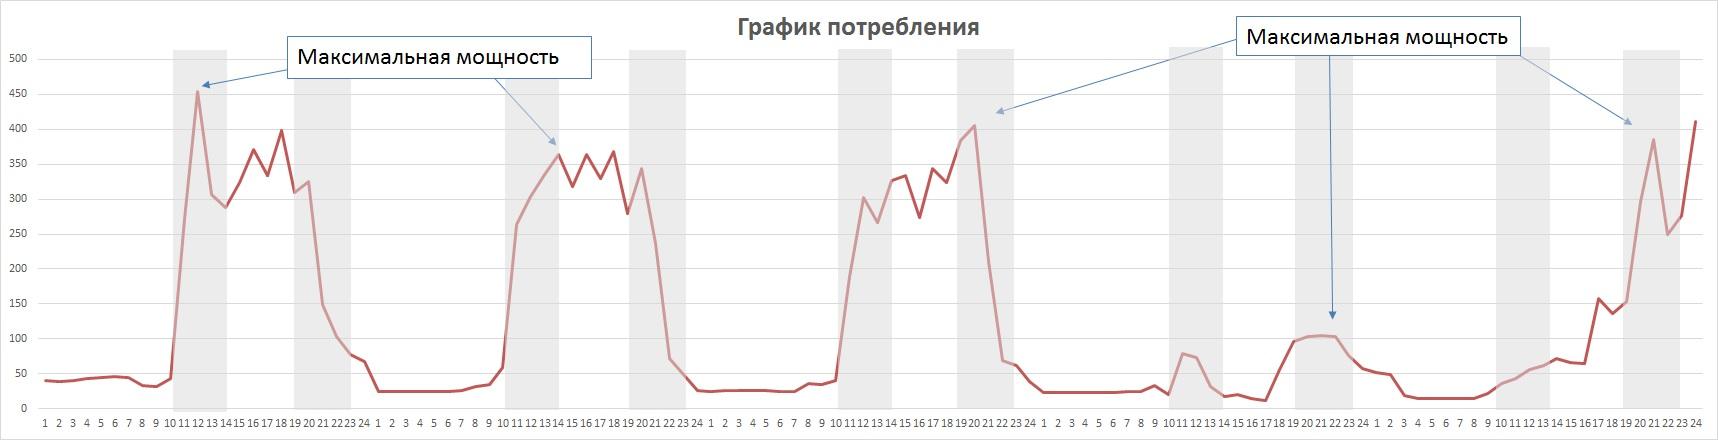 Рис2. График потребления электроэнергии на предприятии